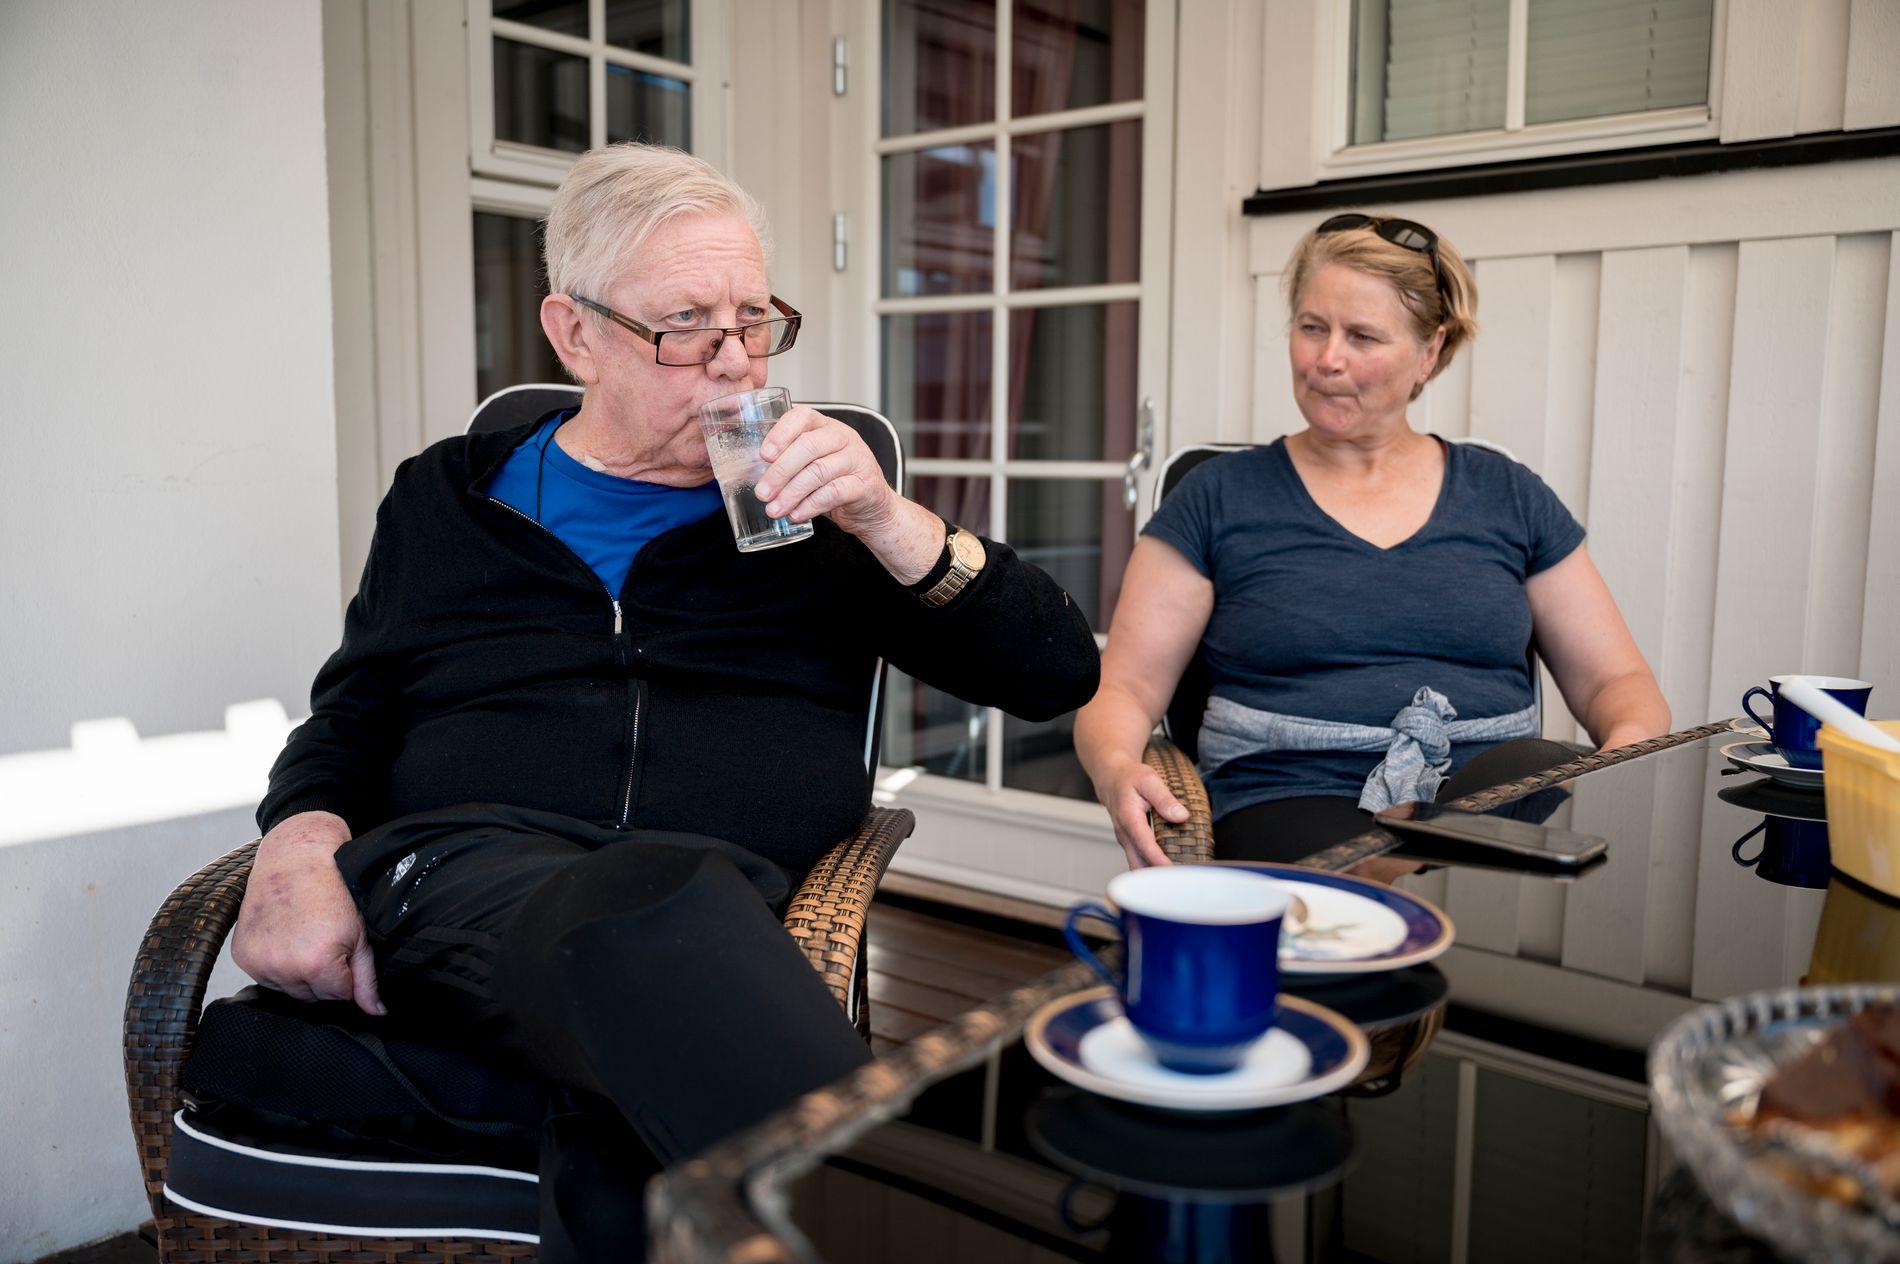 FAR OG DATTER: Nils Arne Eggen med datteren Kristin Eggen på uteplassen hjemme hos Eggen i Fannrem, Orkdal, lørdag ettermiddag.